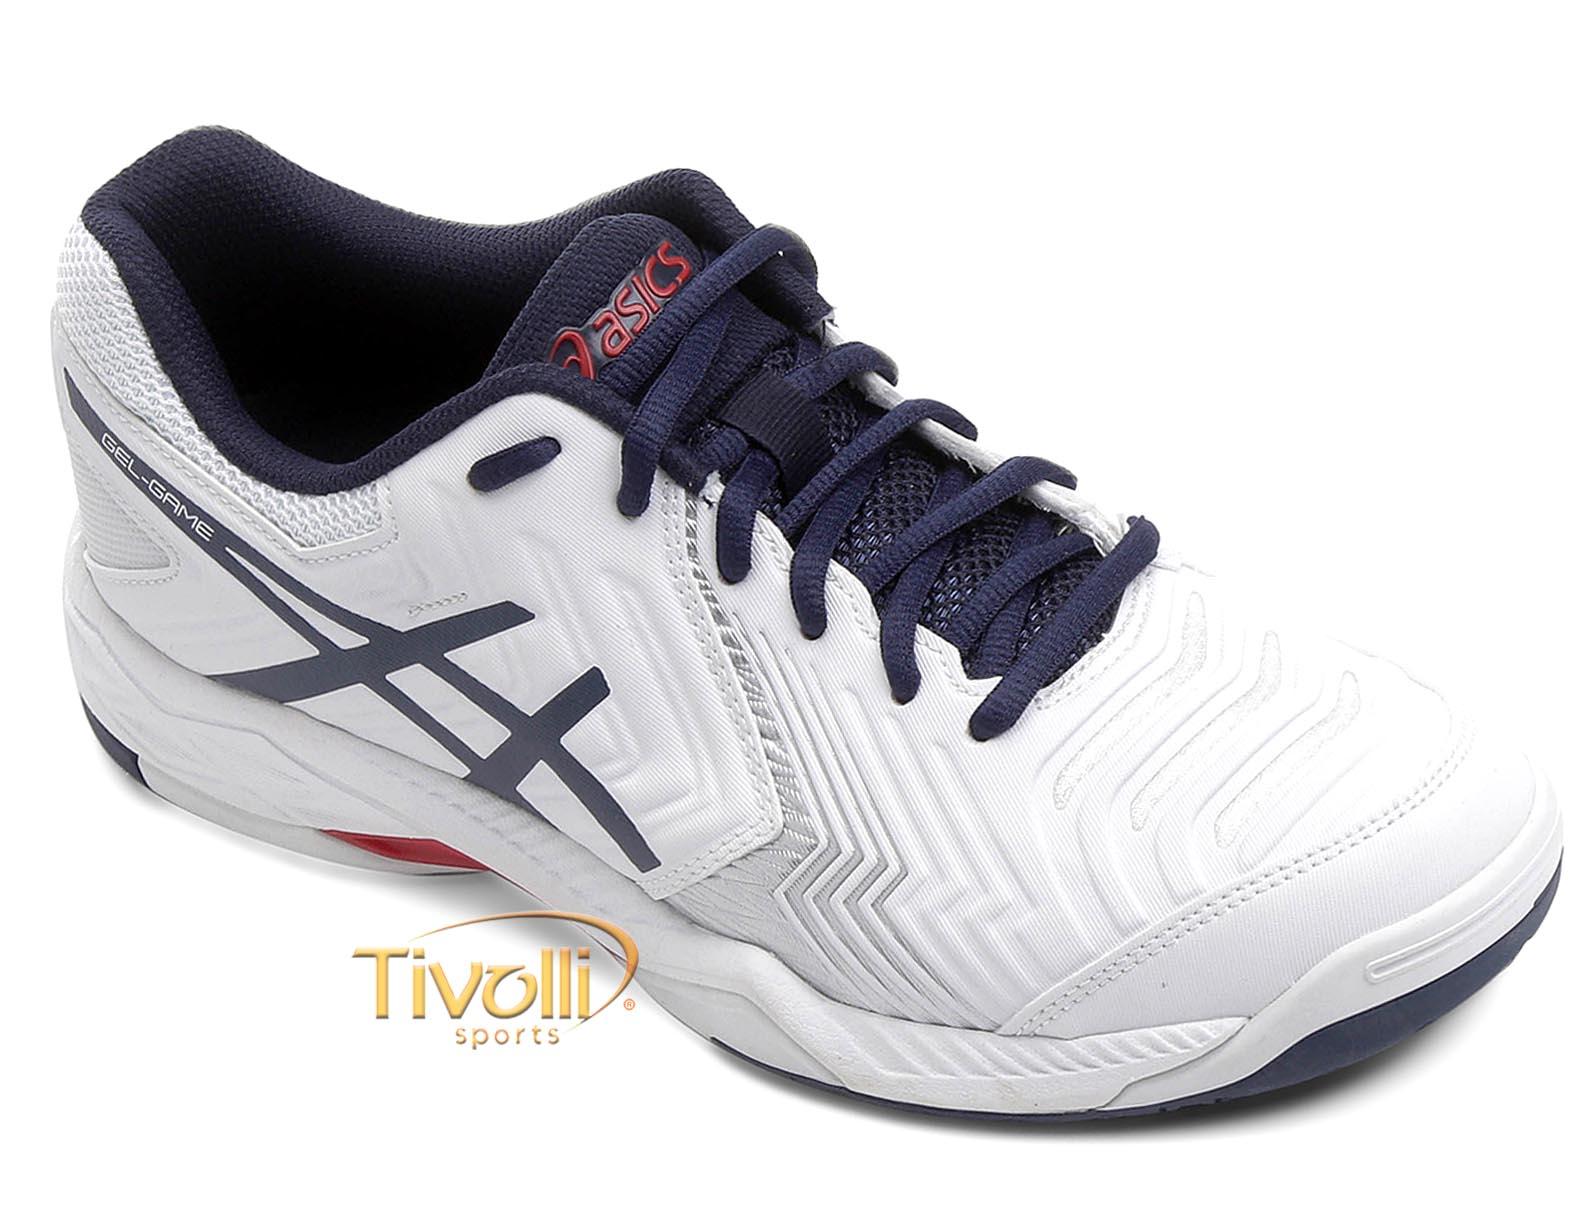 47722461e4 Raquete Mania   Tênis Asics Gel Game 6   Branco